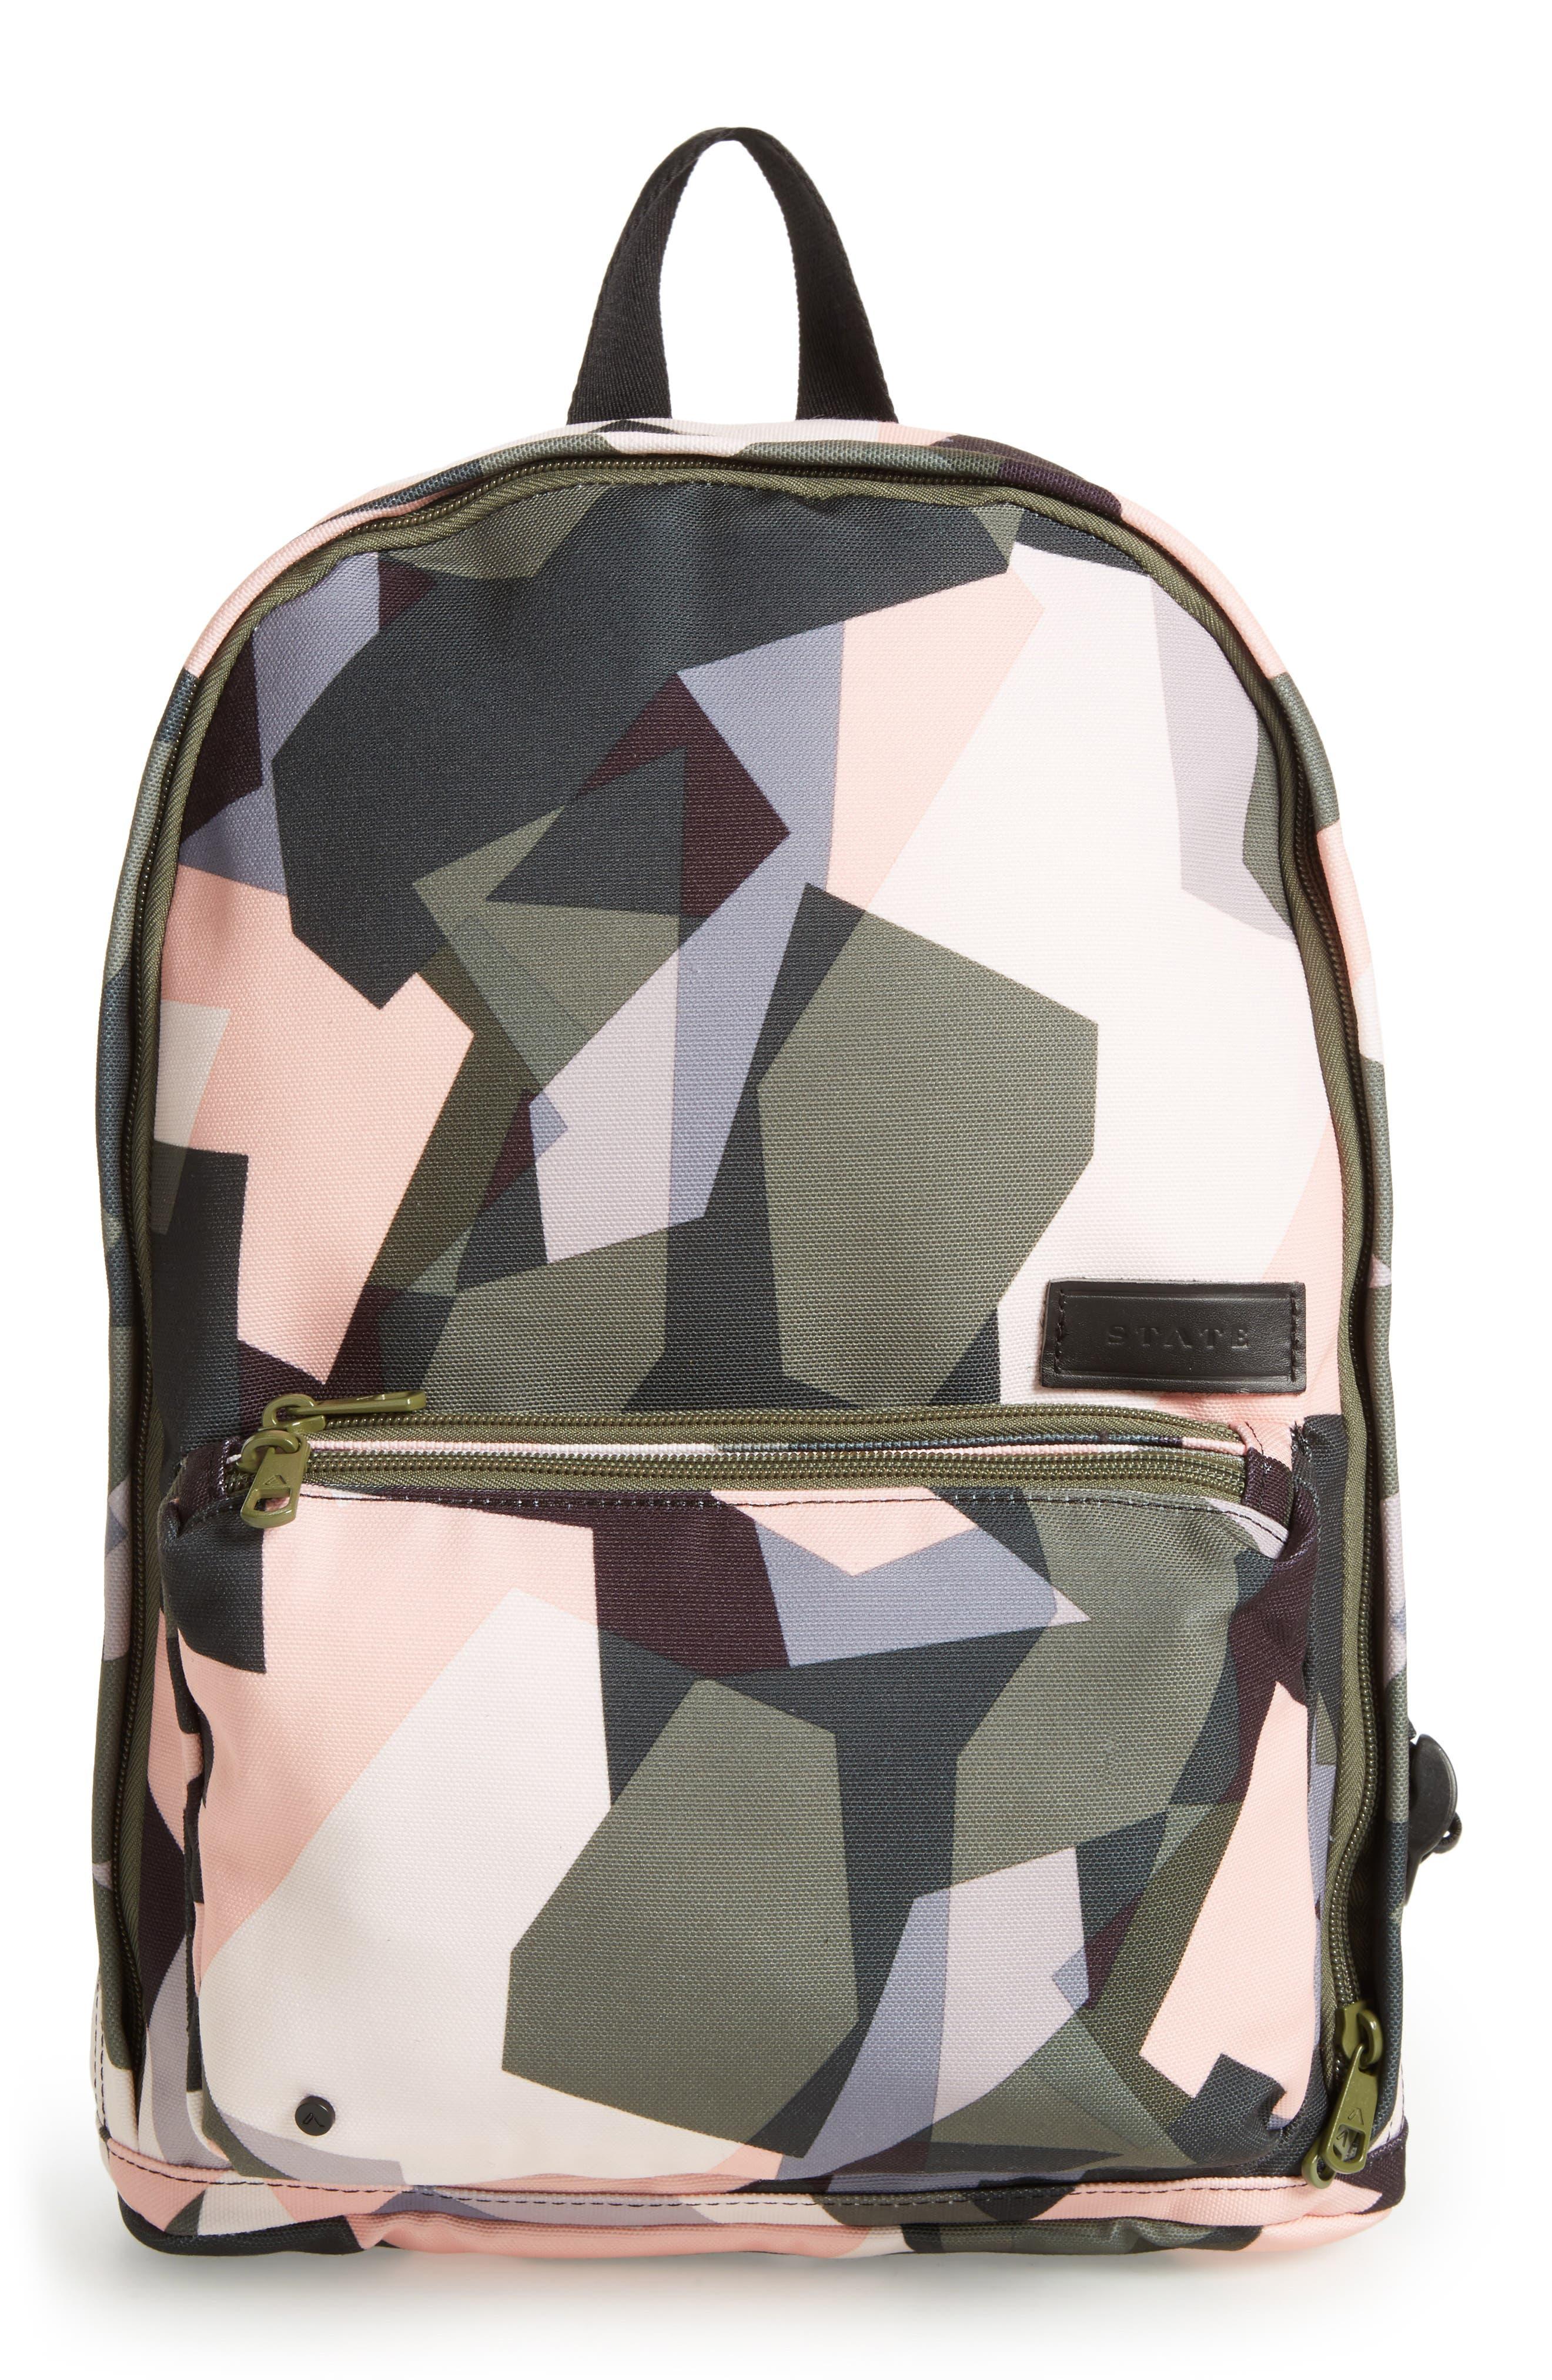 STATE Bags Kensington Slim Lorimer Backpack